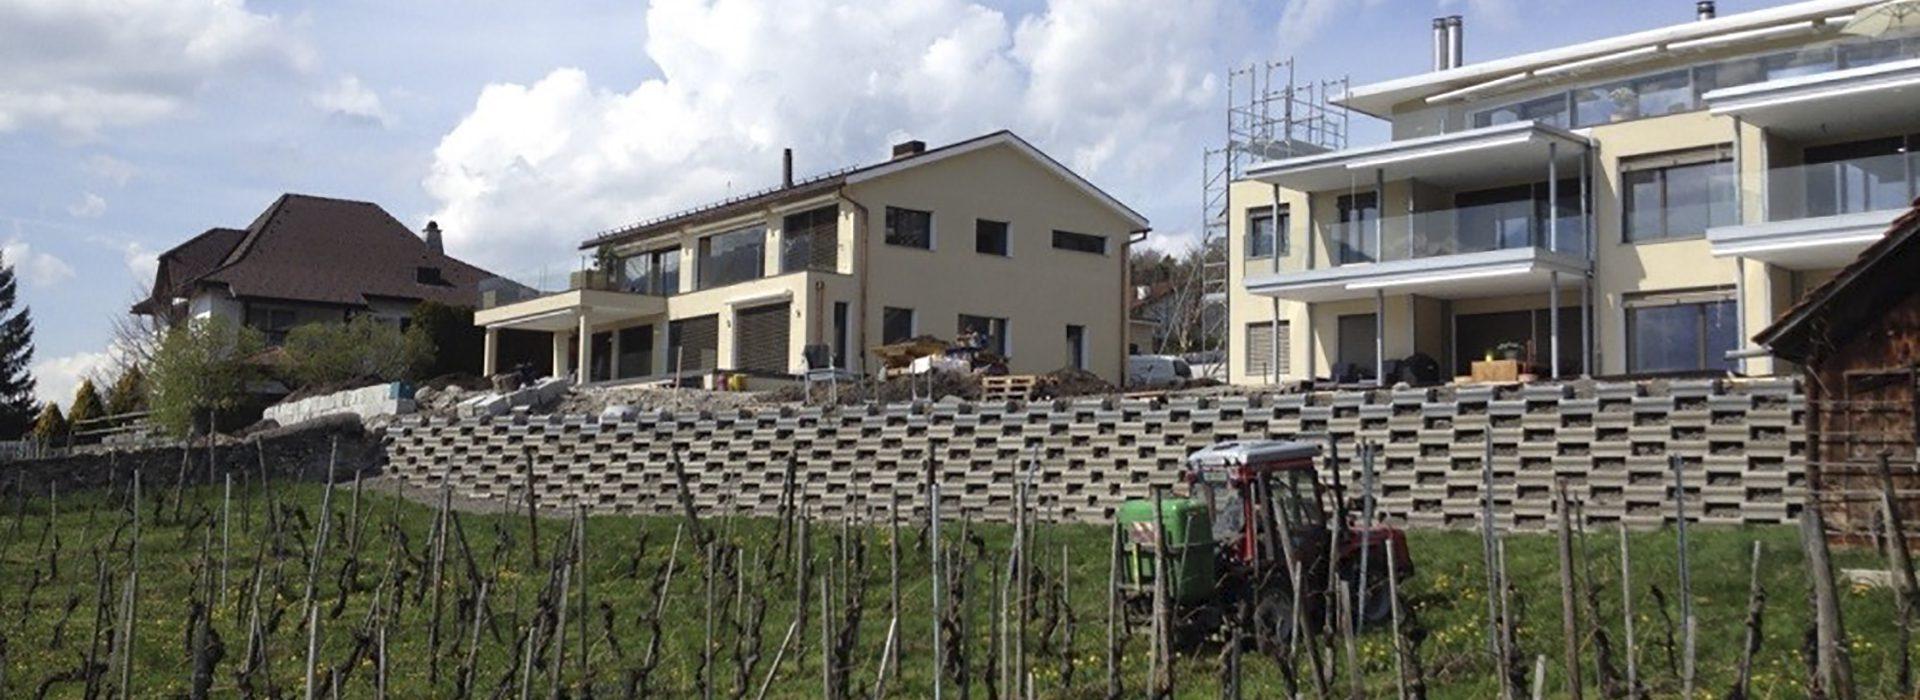 Überbauung in Malans Küragässli, Haus A und B